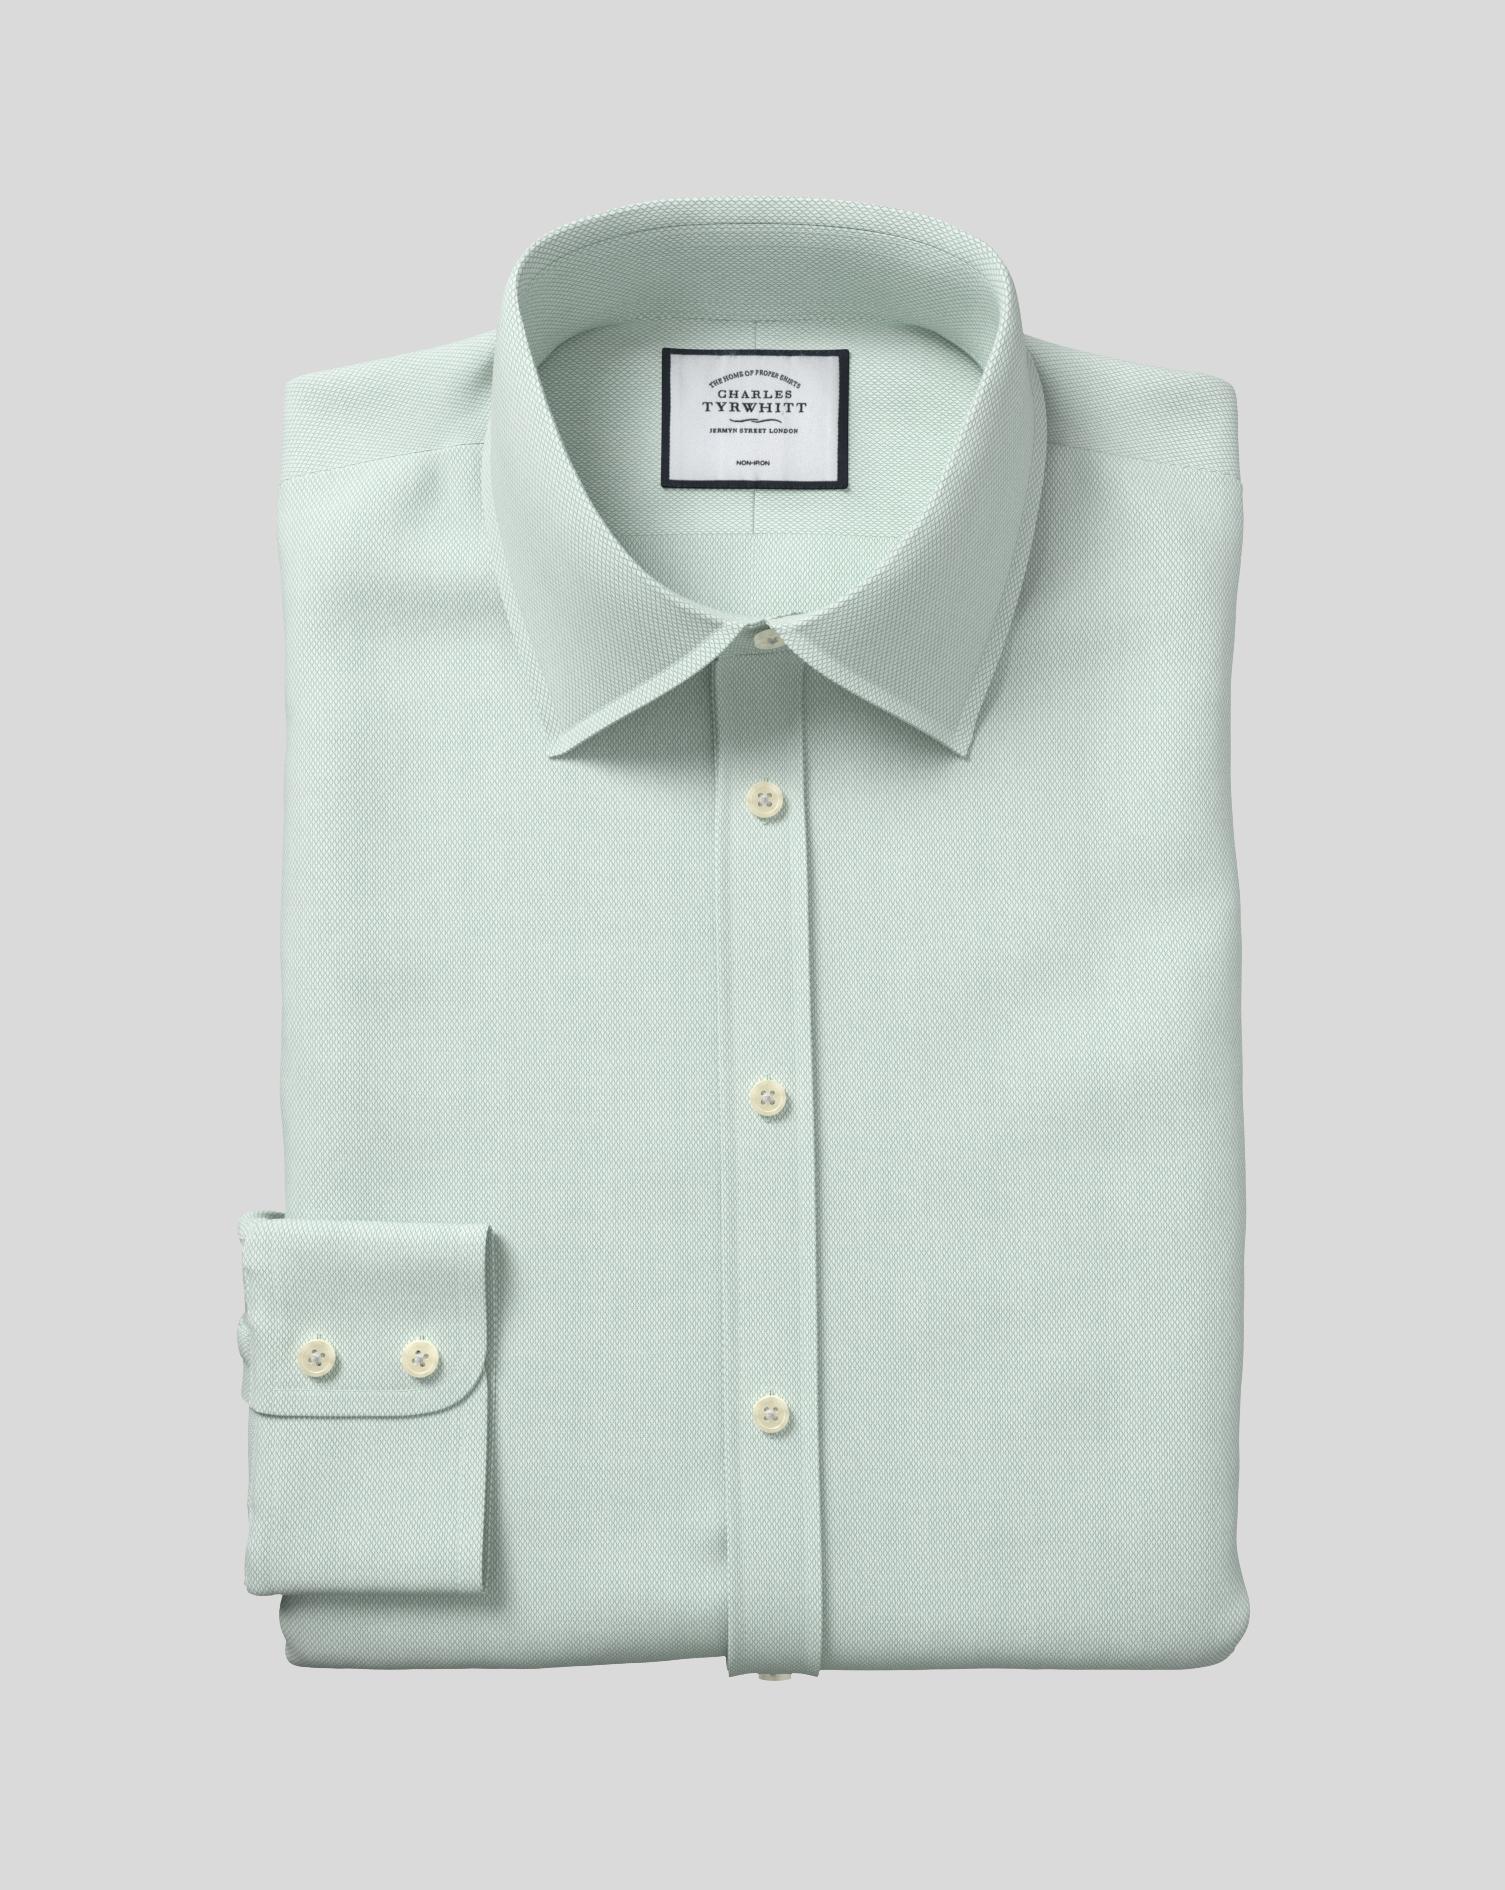 Cotton Classic Collar Non-Iron Micro Diamond Shirt - Green